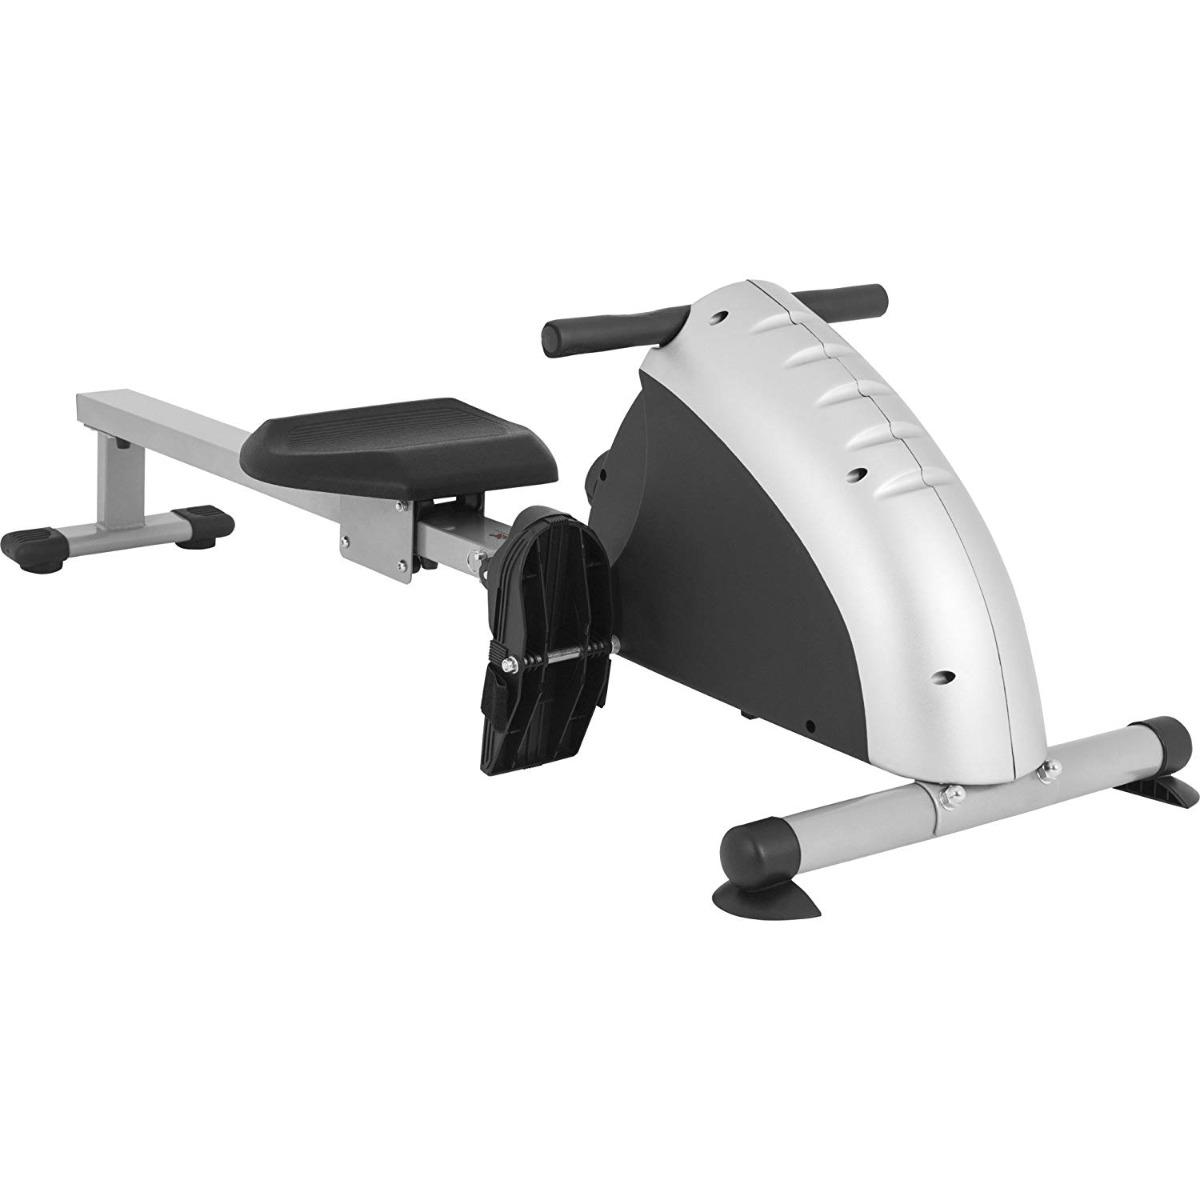 Evezőgép otthoni vagy edzőtermi edzéshez